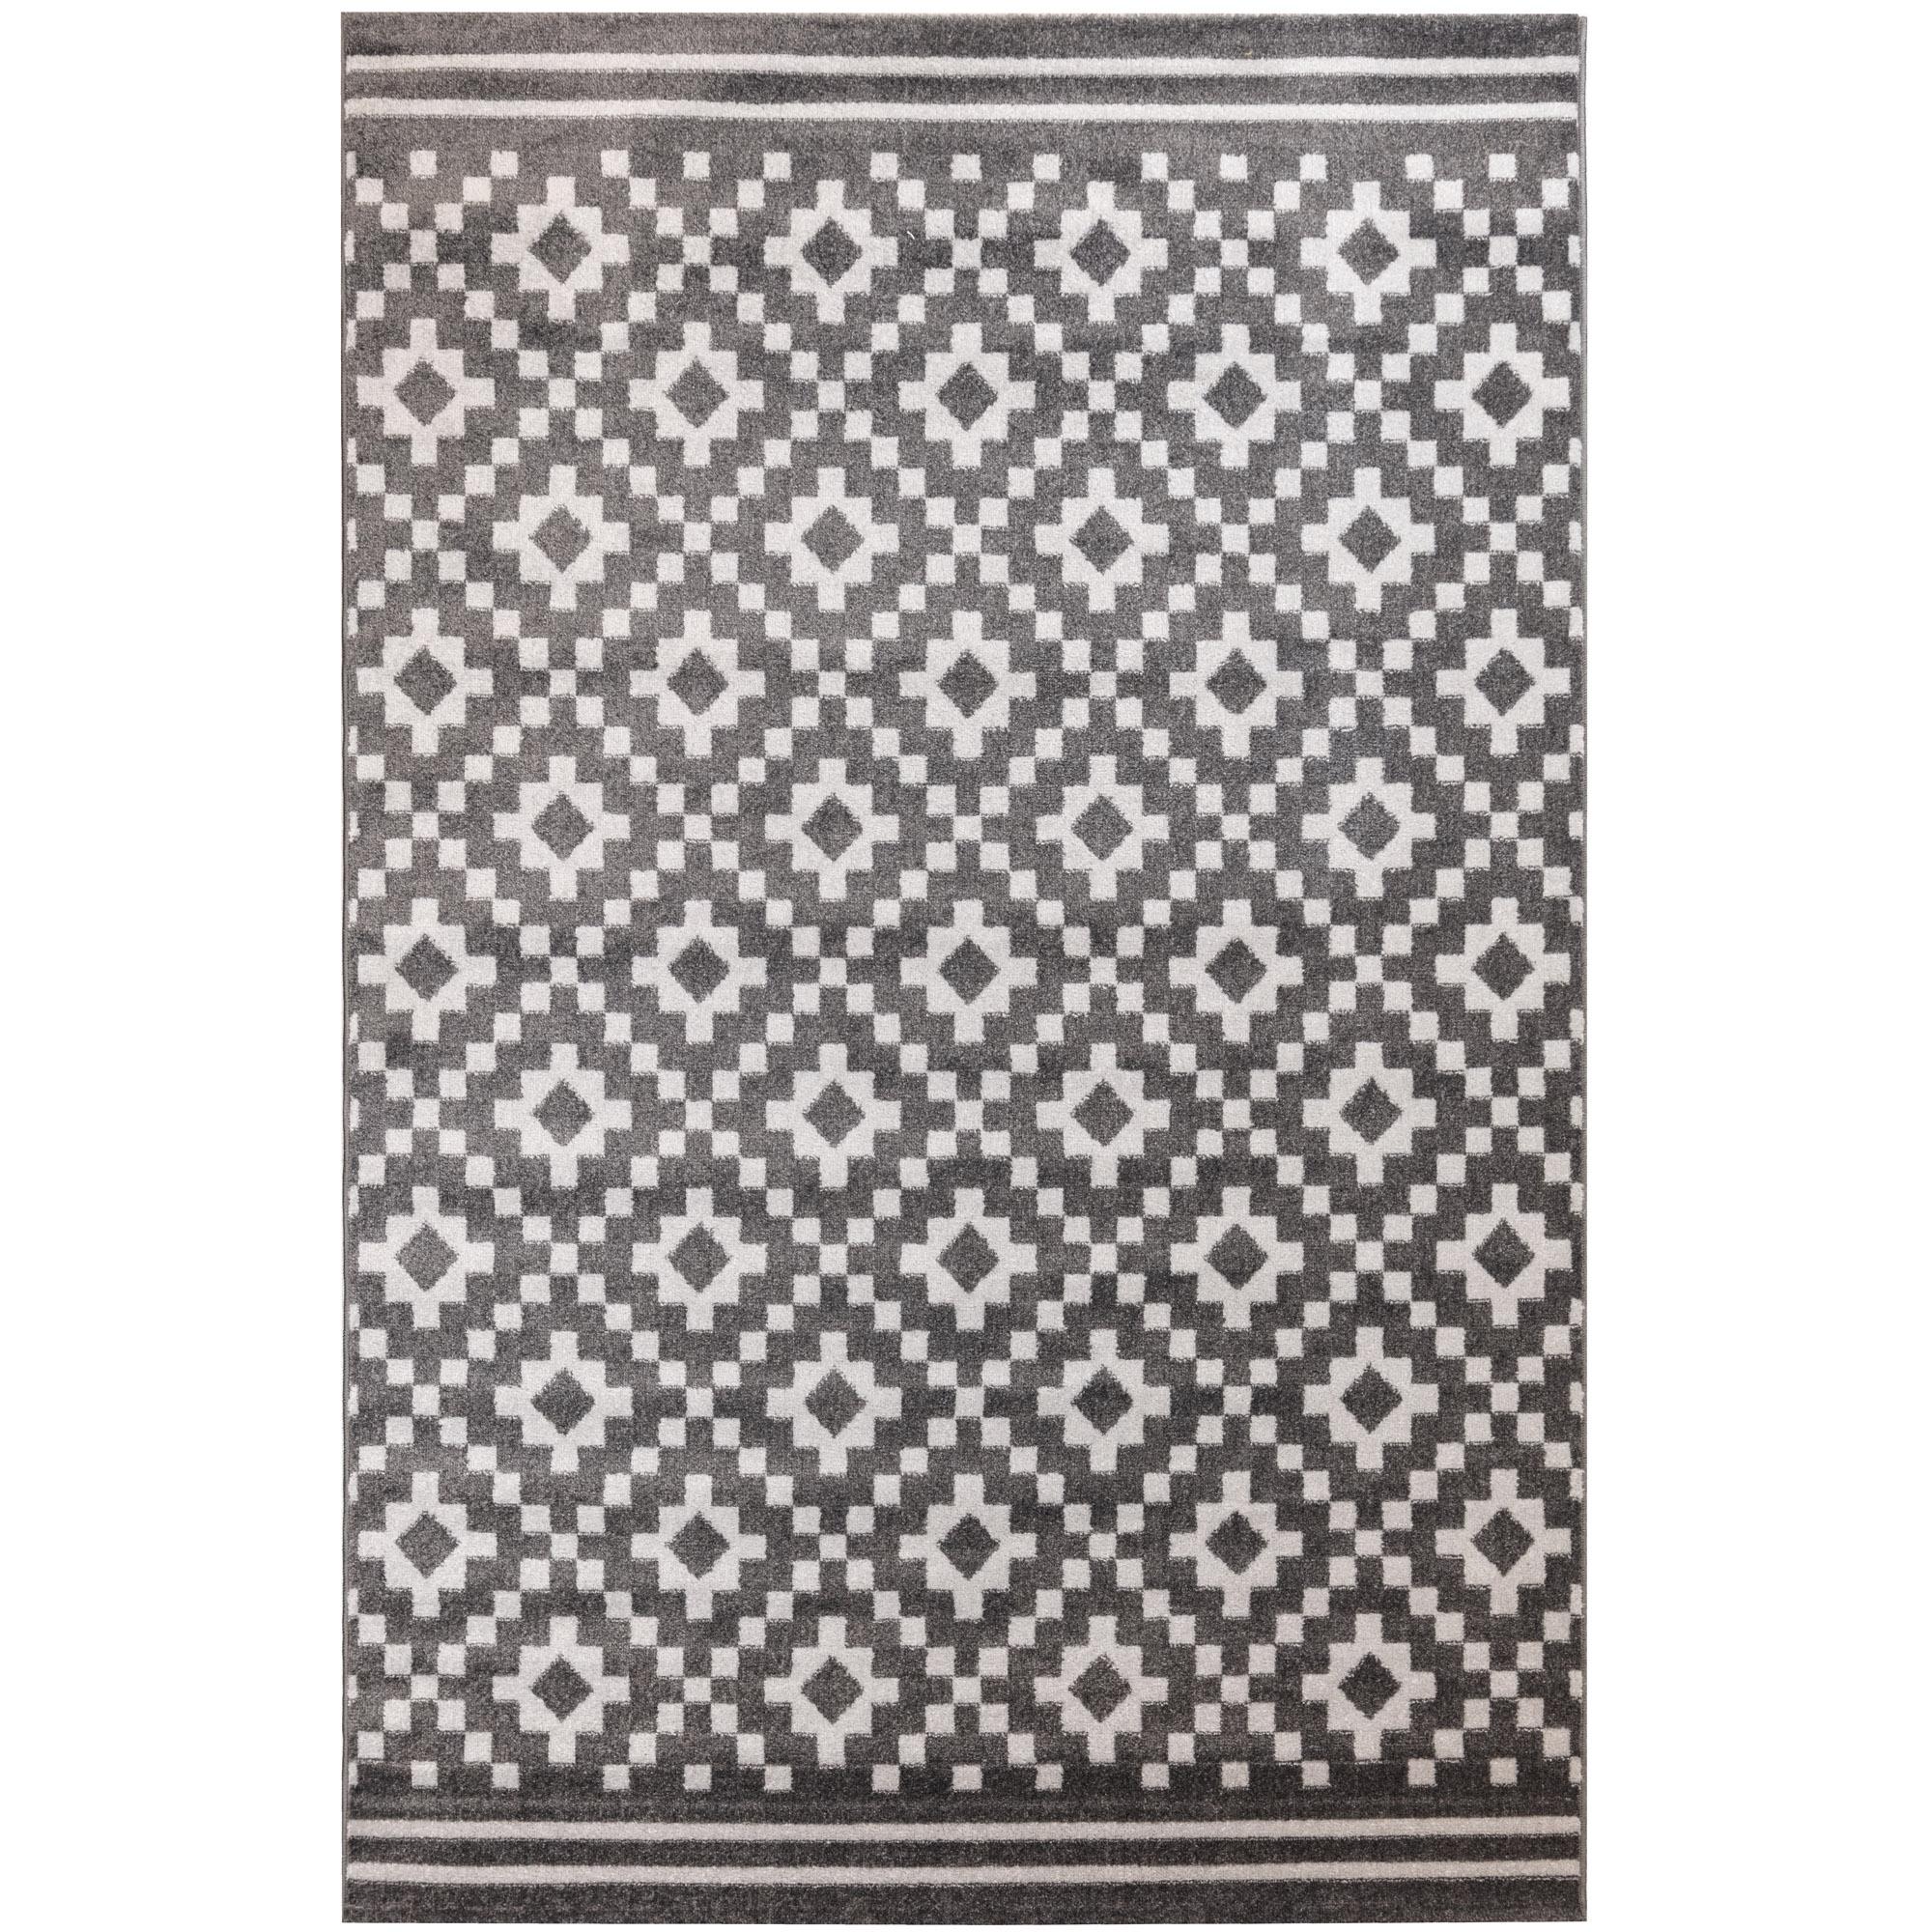 Χαλί Διαδρόμου 67X140 Ezzo All Season Chroma B528Bj8 Dark Grey & Light Grey (67x140)